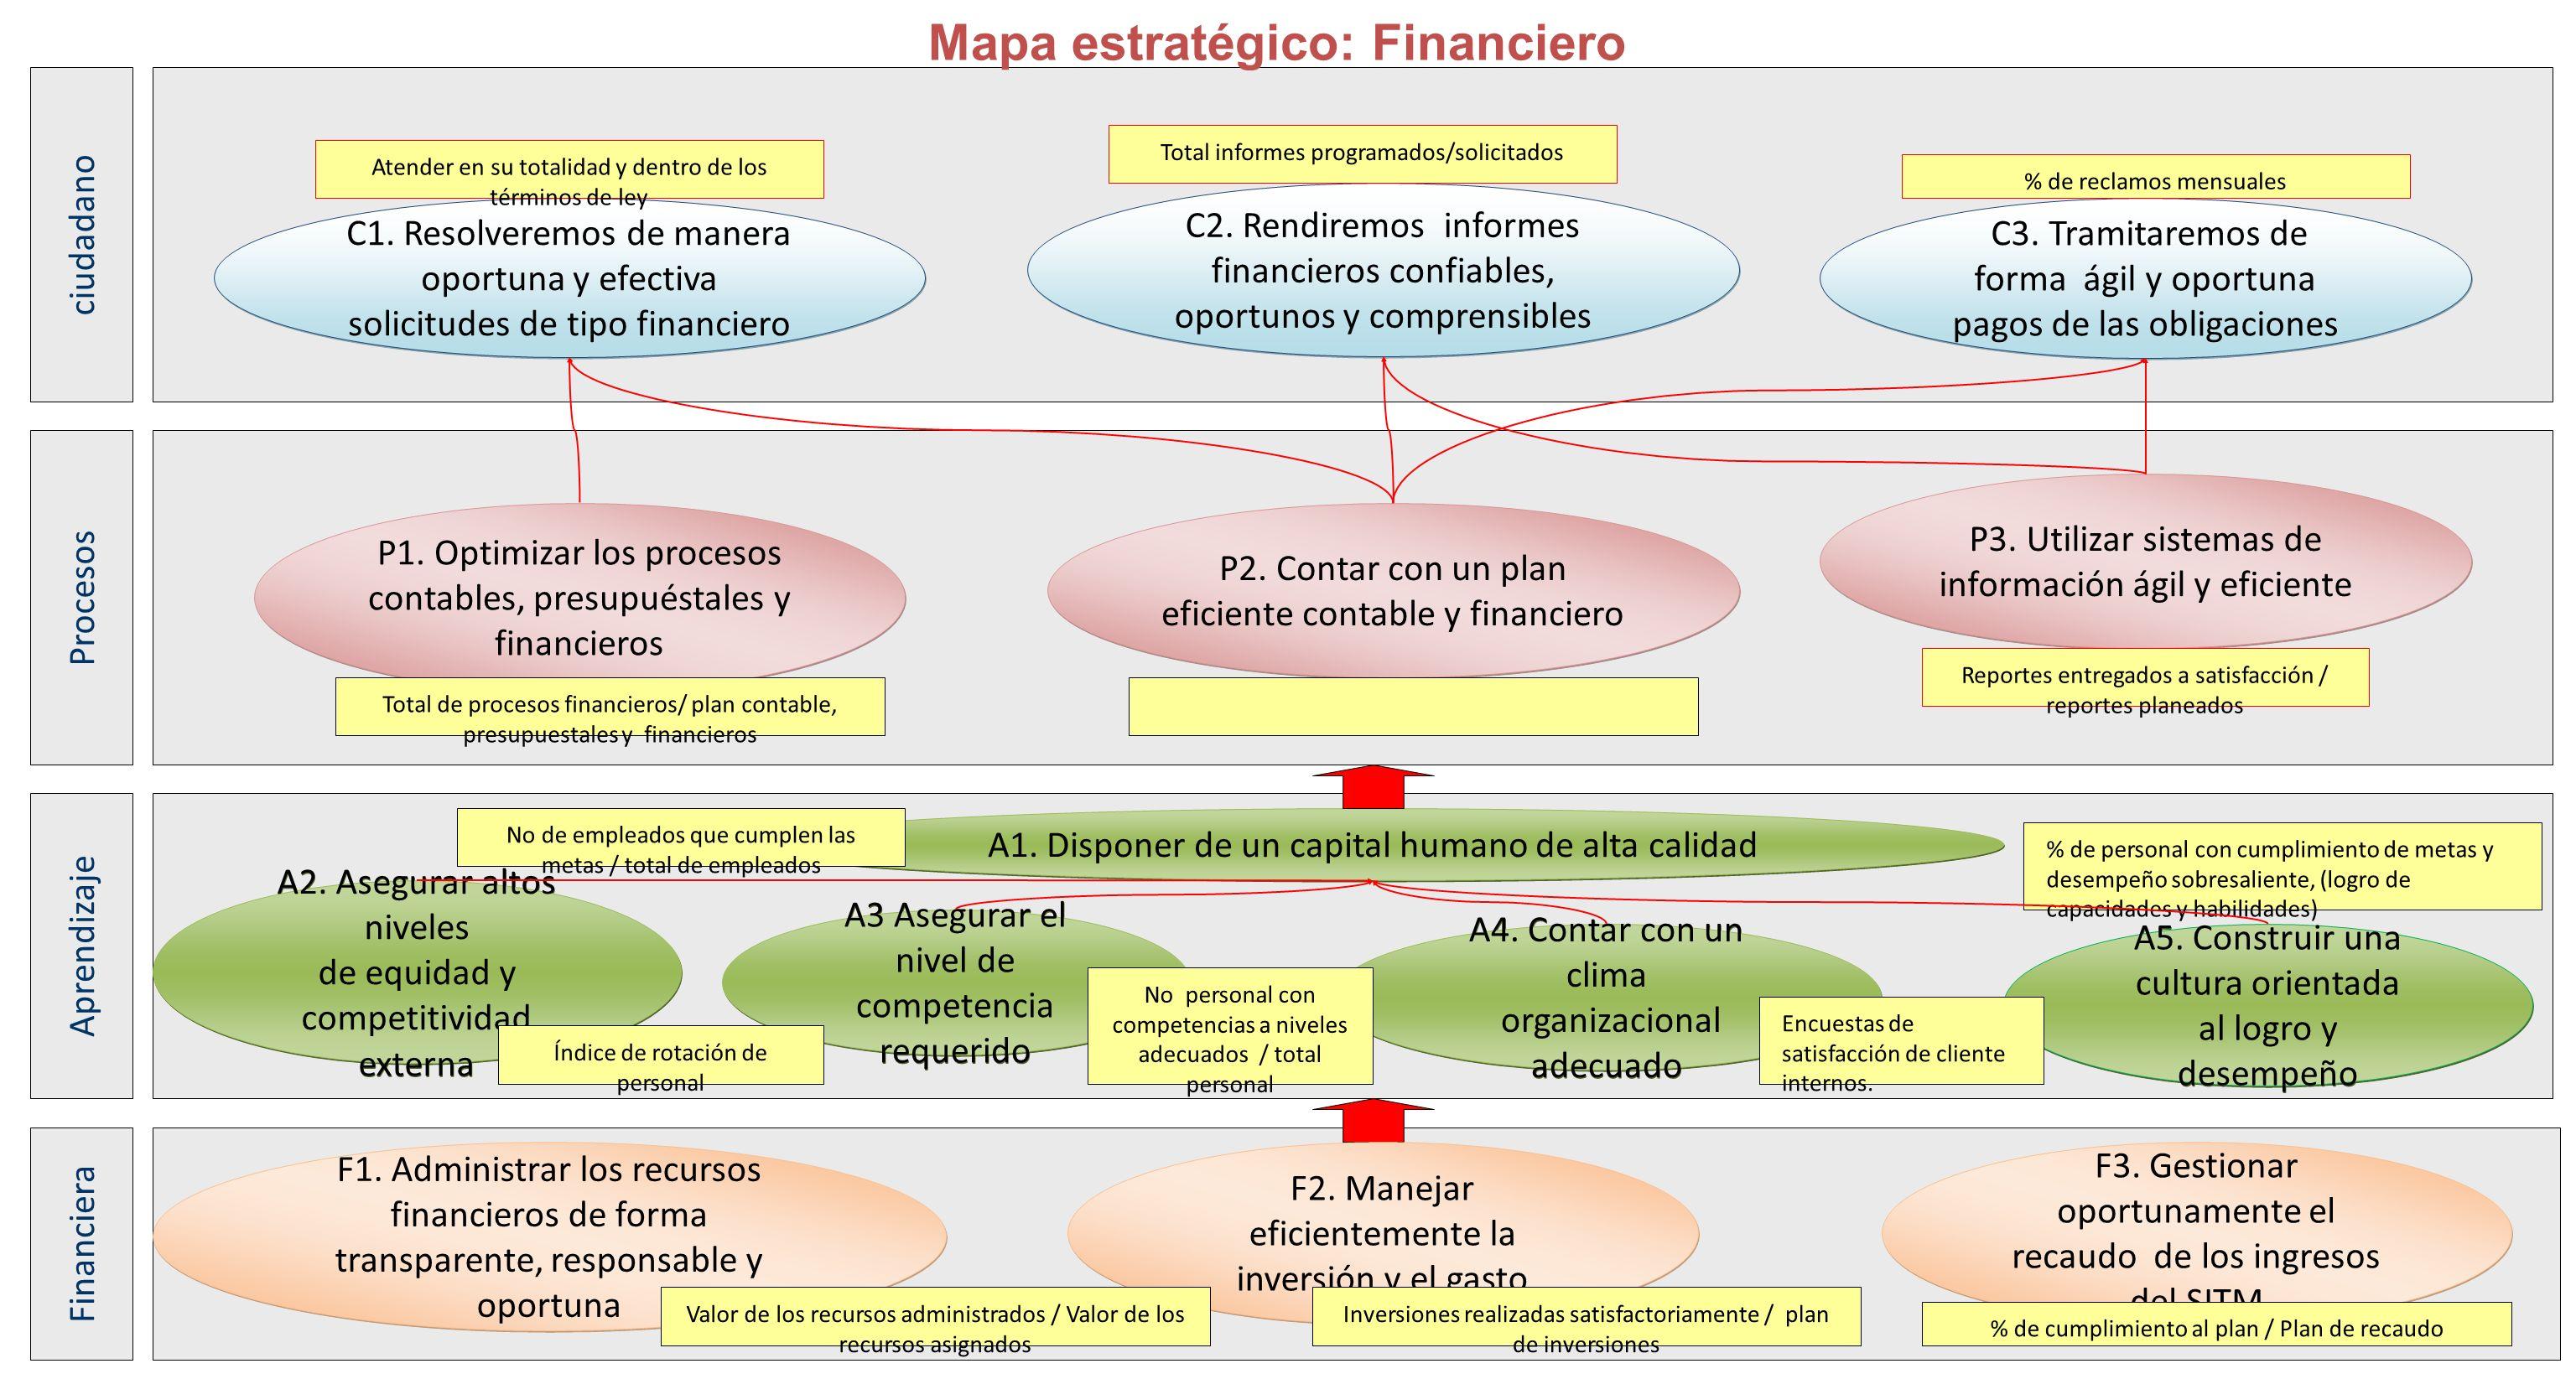 MACROPROCESO DE CONVIVENCIA Y SEGURIDAD MANEJO INTEGRAL DEL RIESGO Y ATENCION DE DESASTRES CONVIVENCIA Y FORTALECIMIENTO SOCIAL CONTROL Y MANTENIMIENTO DEL ORDEN PUBLICO Control para la Prevención del Delito Control a establecimientos Control de Asociaciones Agropecuarias no Nacionales Y Propiedad horizontal GESTION DEL TRANSITO Y TRANSPORTE Control a construcciones Control del espacio público MACROPROCESO CONVIVENCIA Y SEGURIDAD Objetivo: Promover la solidaridad social, la apropiación, el respeto y la vigilancia de los deberes ciudadanos y los derechos humanos para el fortalecimiento de la convivencia pacífica, seguridad y la paz de los habitantes del municipio de Santiago de Cali.